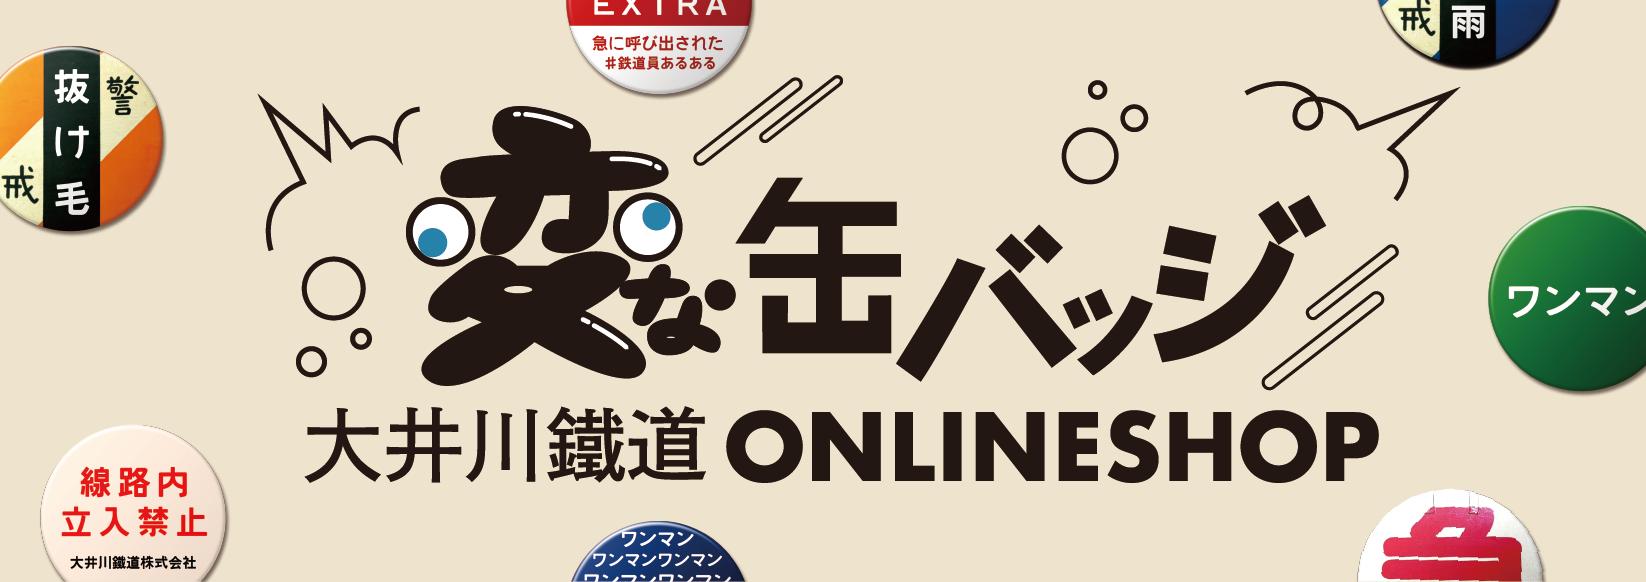 大井川鐵道ONLINE SHOP